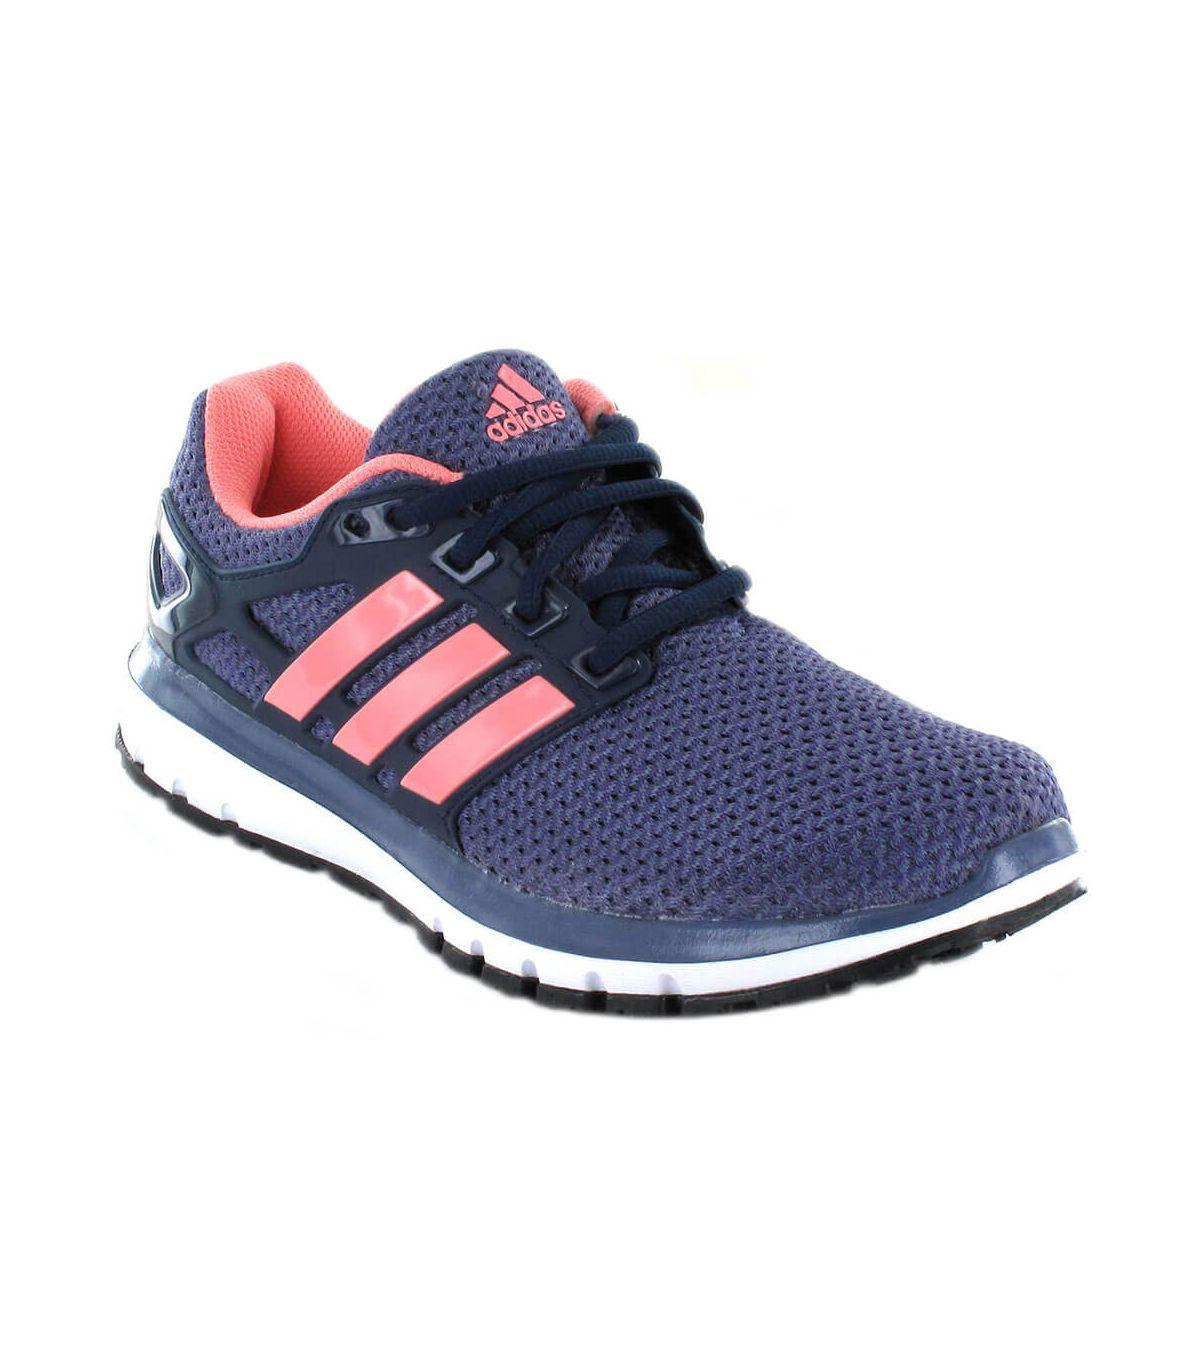 adidas energy cloud wtc zapatillas running gris calzado mujer